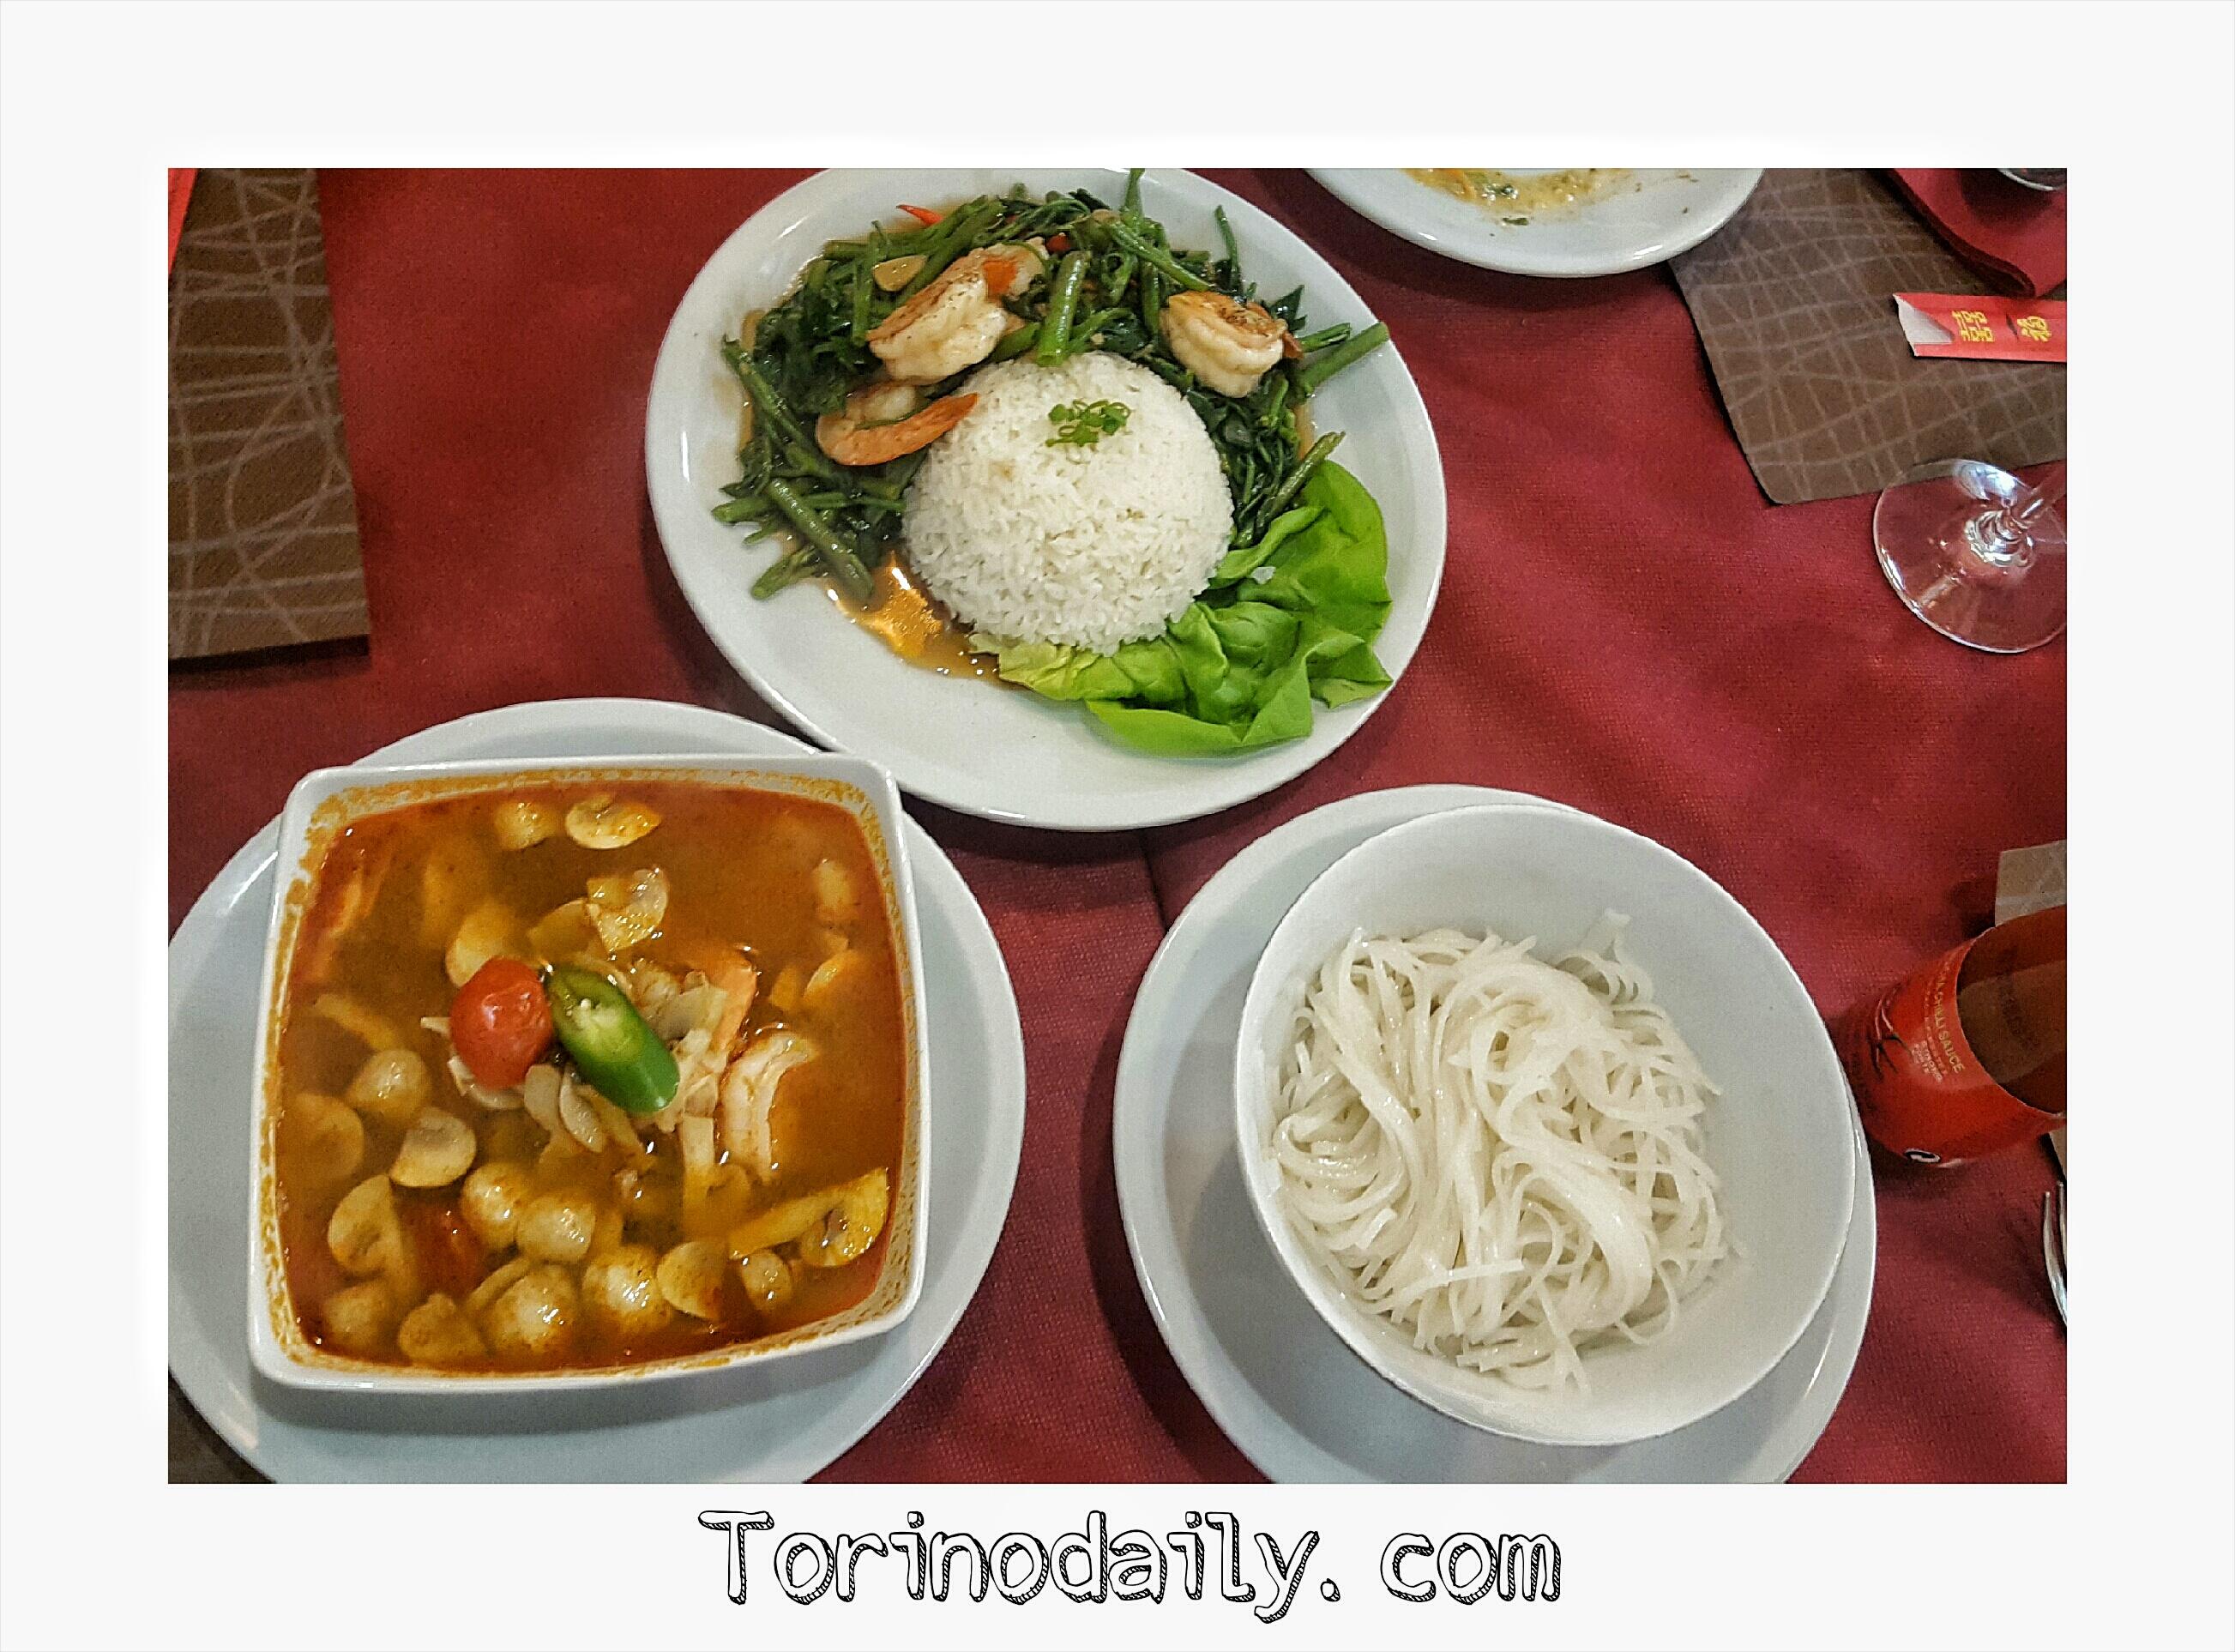 トリノで食べる本格派ベトナム料理!Trattoria del Vietnam トリノのおすすめレストラン